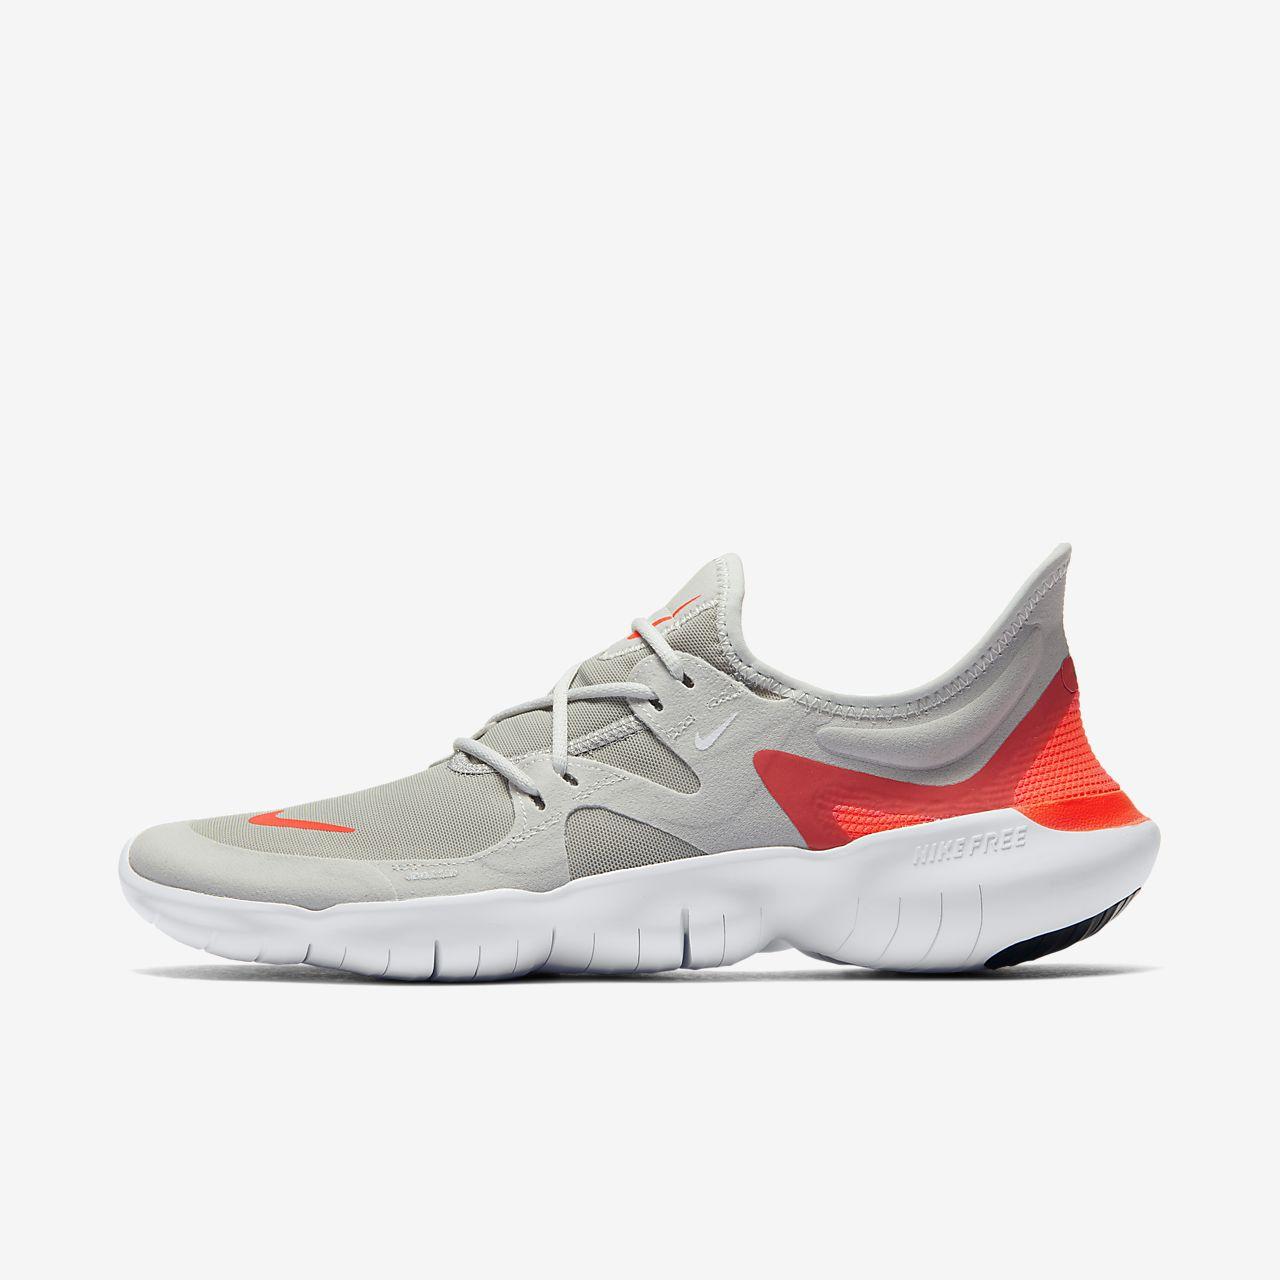 Męskie buty do biegania Nike Free RN 5.0